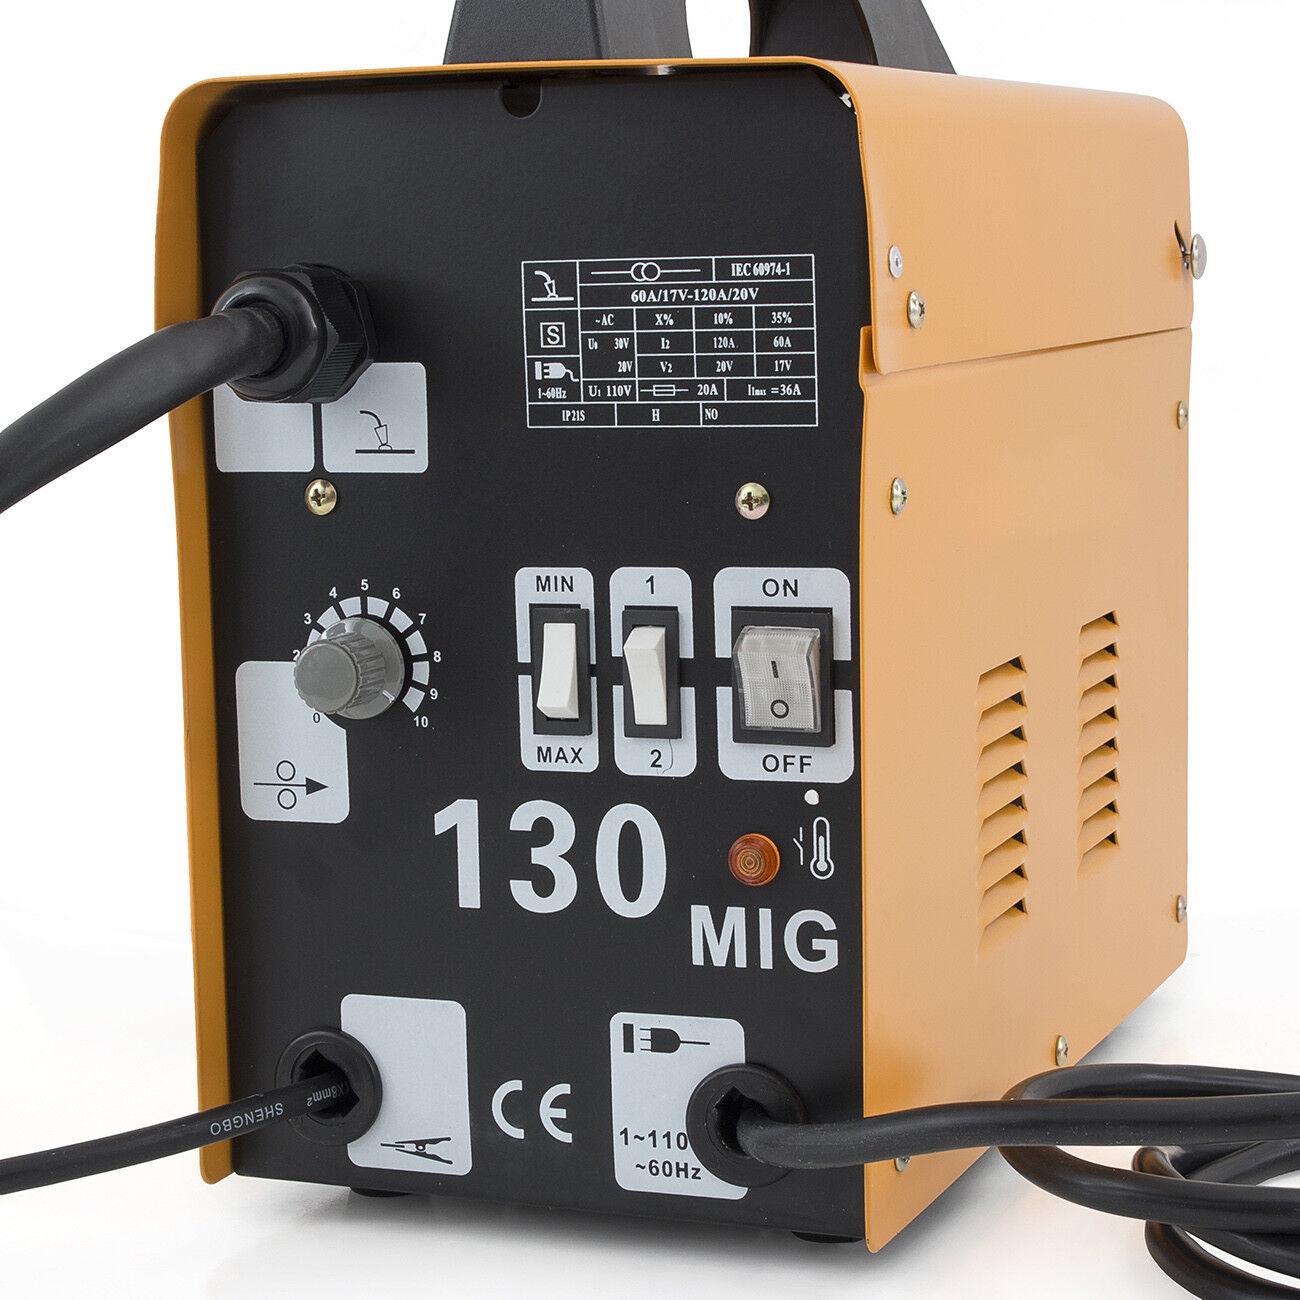 Arksen Mig 130 Flux Core Wire Welder Welding Machine Automatic Feed 110 Wiring Diagram Unit Ebay